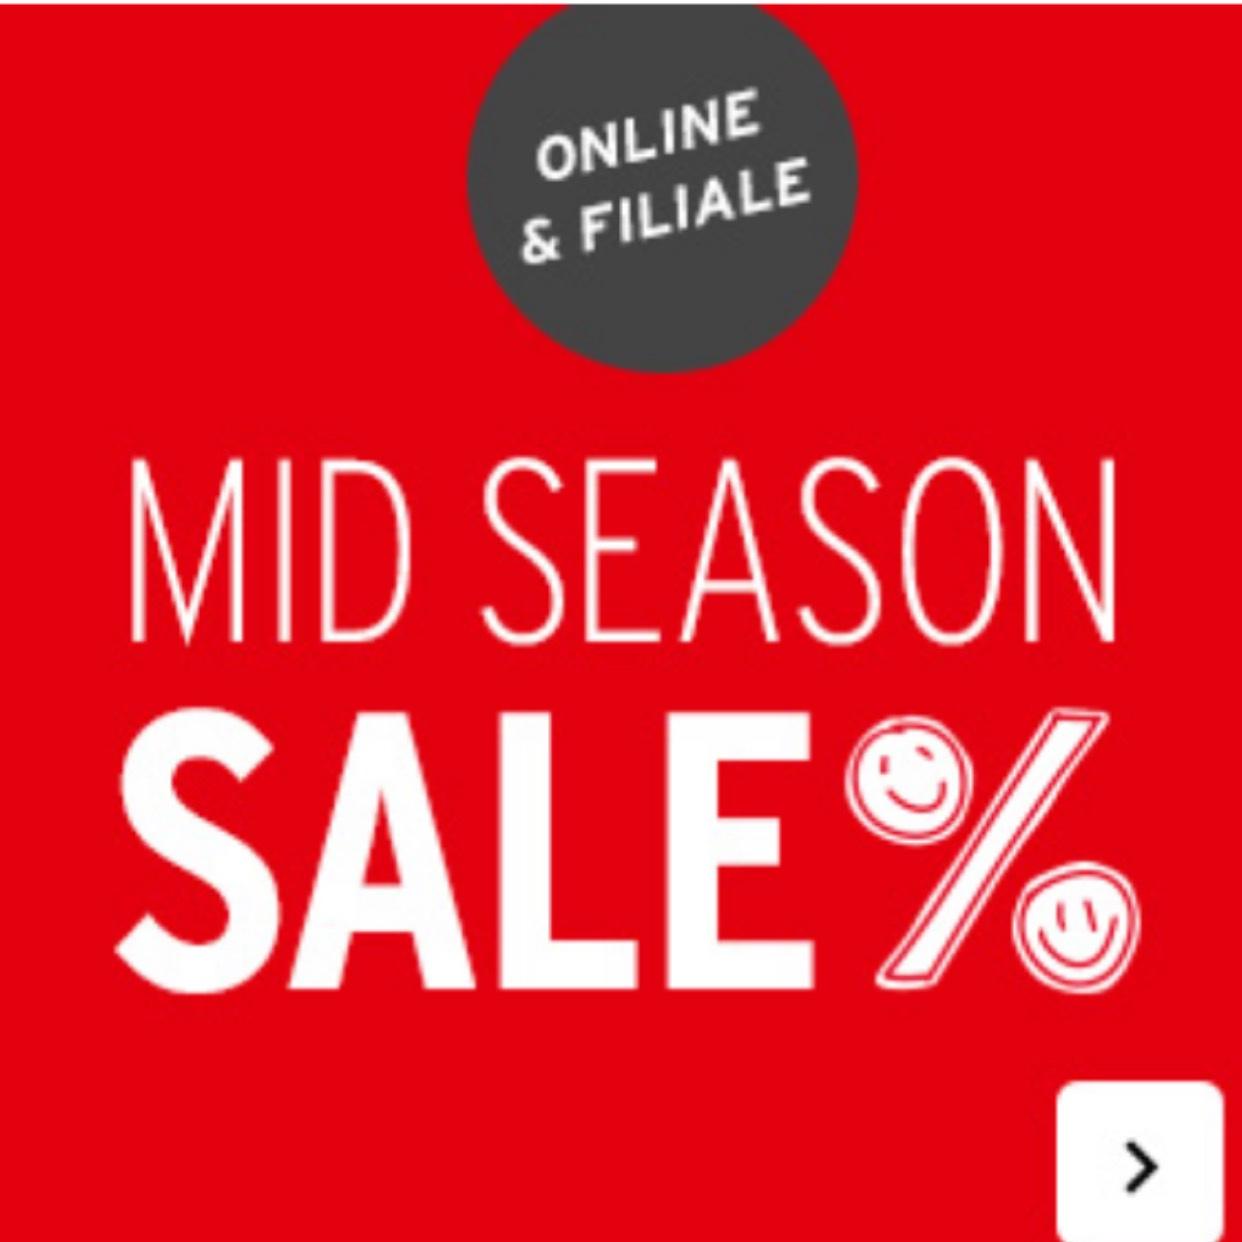 [Online/Lokal] Ernsting's Family Mid Season Sale